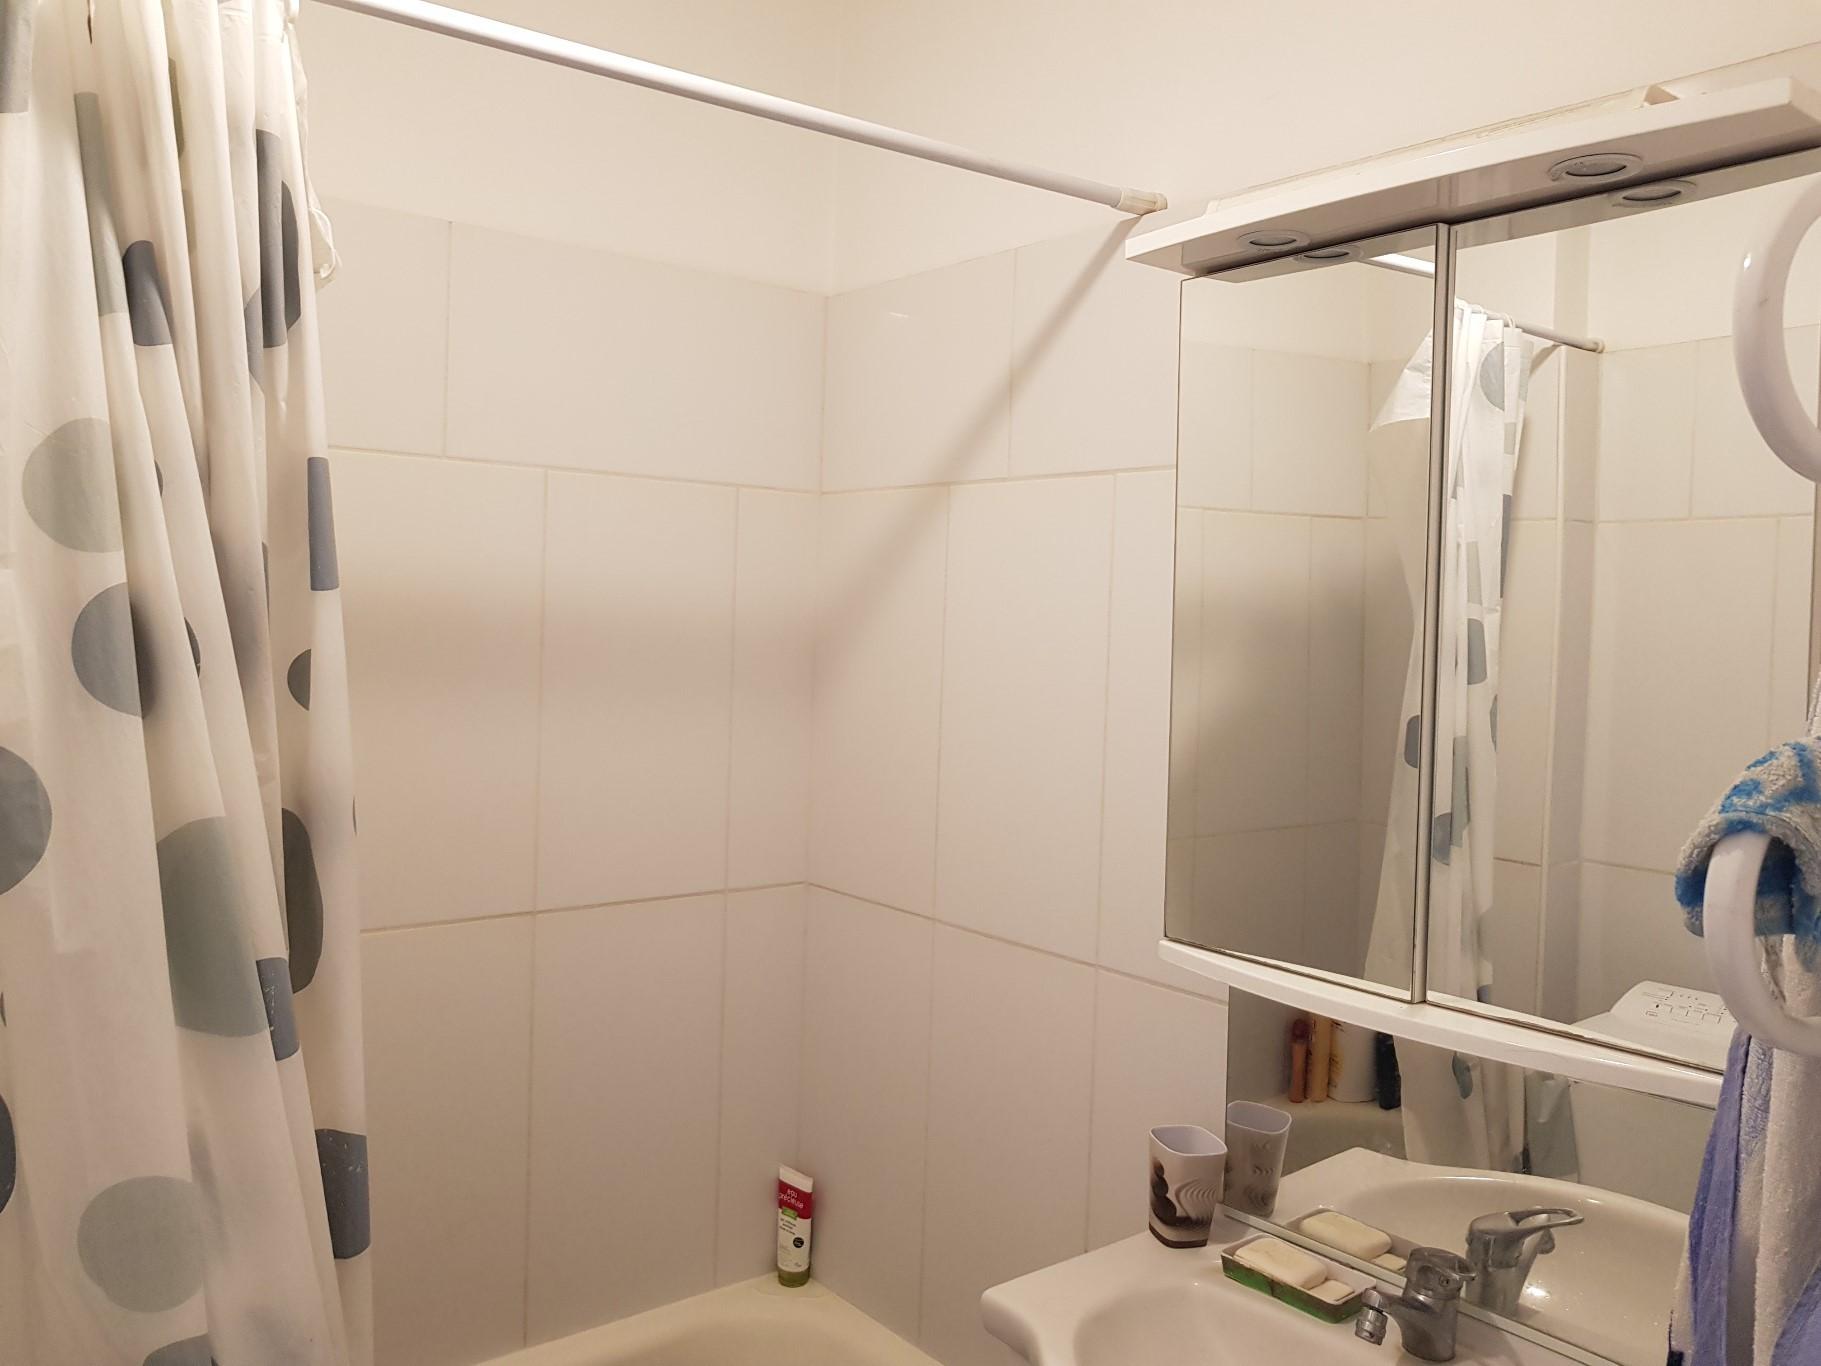 Canet Plage Vente Appartement 4 Pièces 57m2 180 200